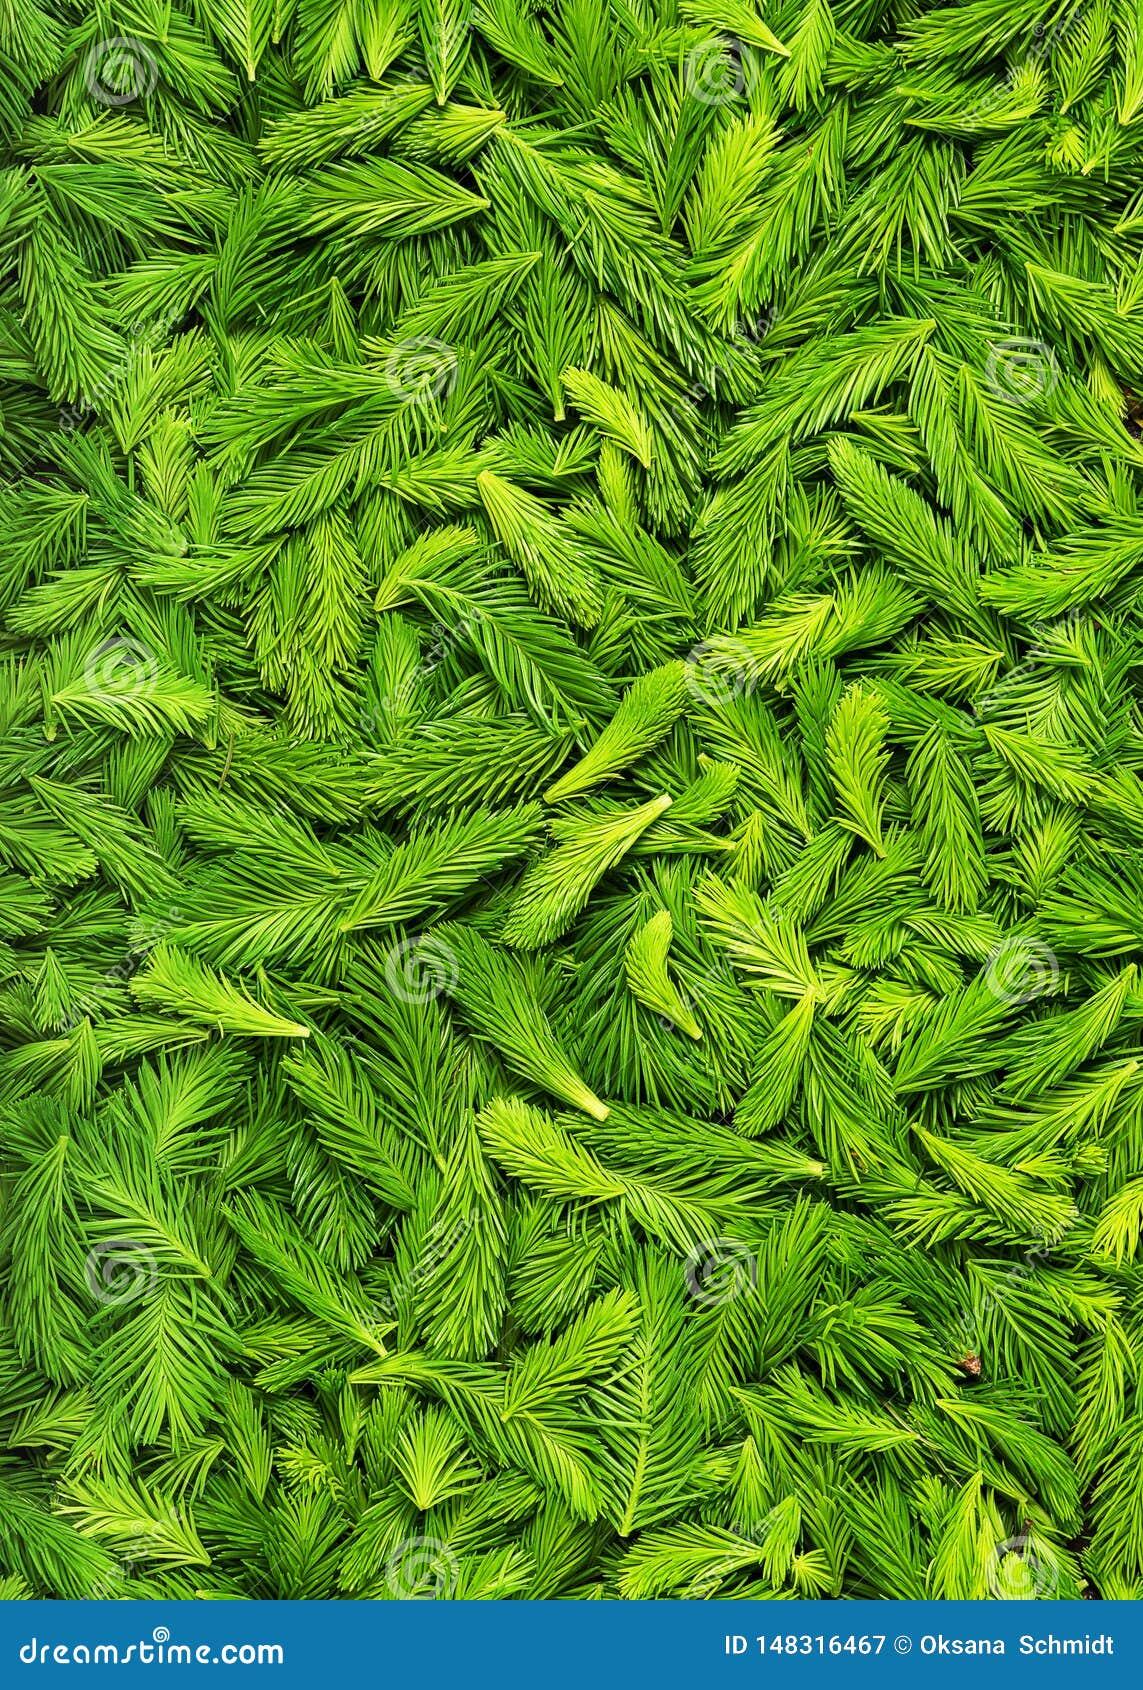 Verse geplukte groene nette spruiten